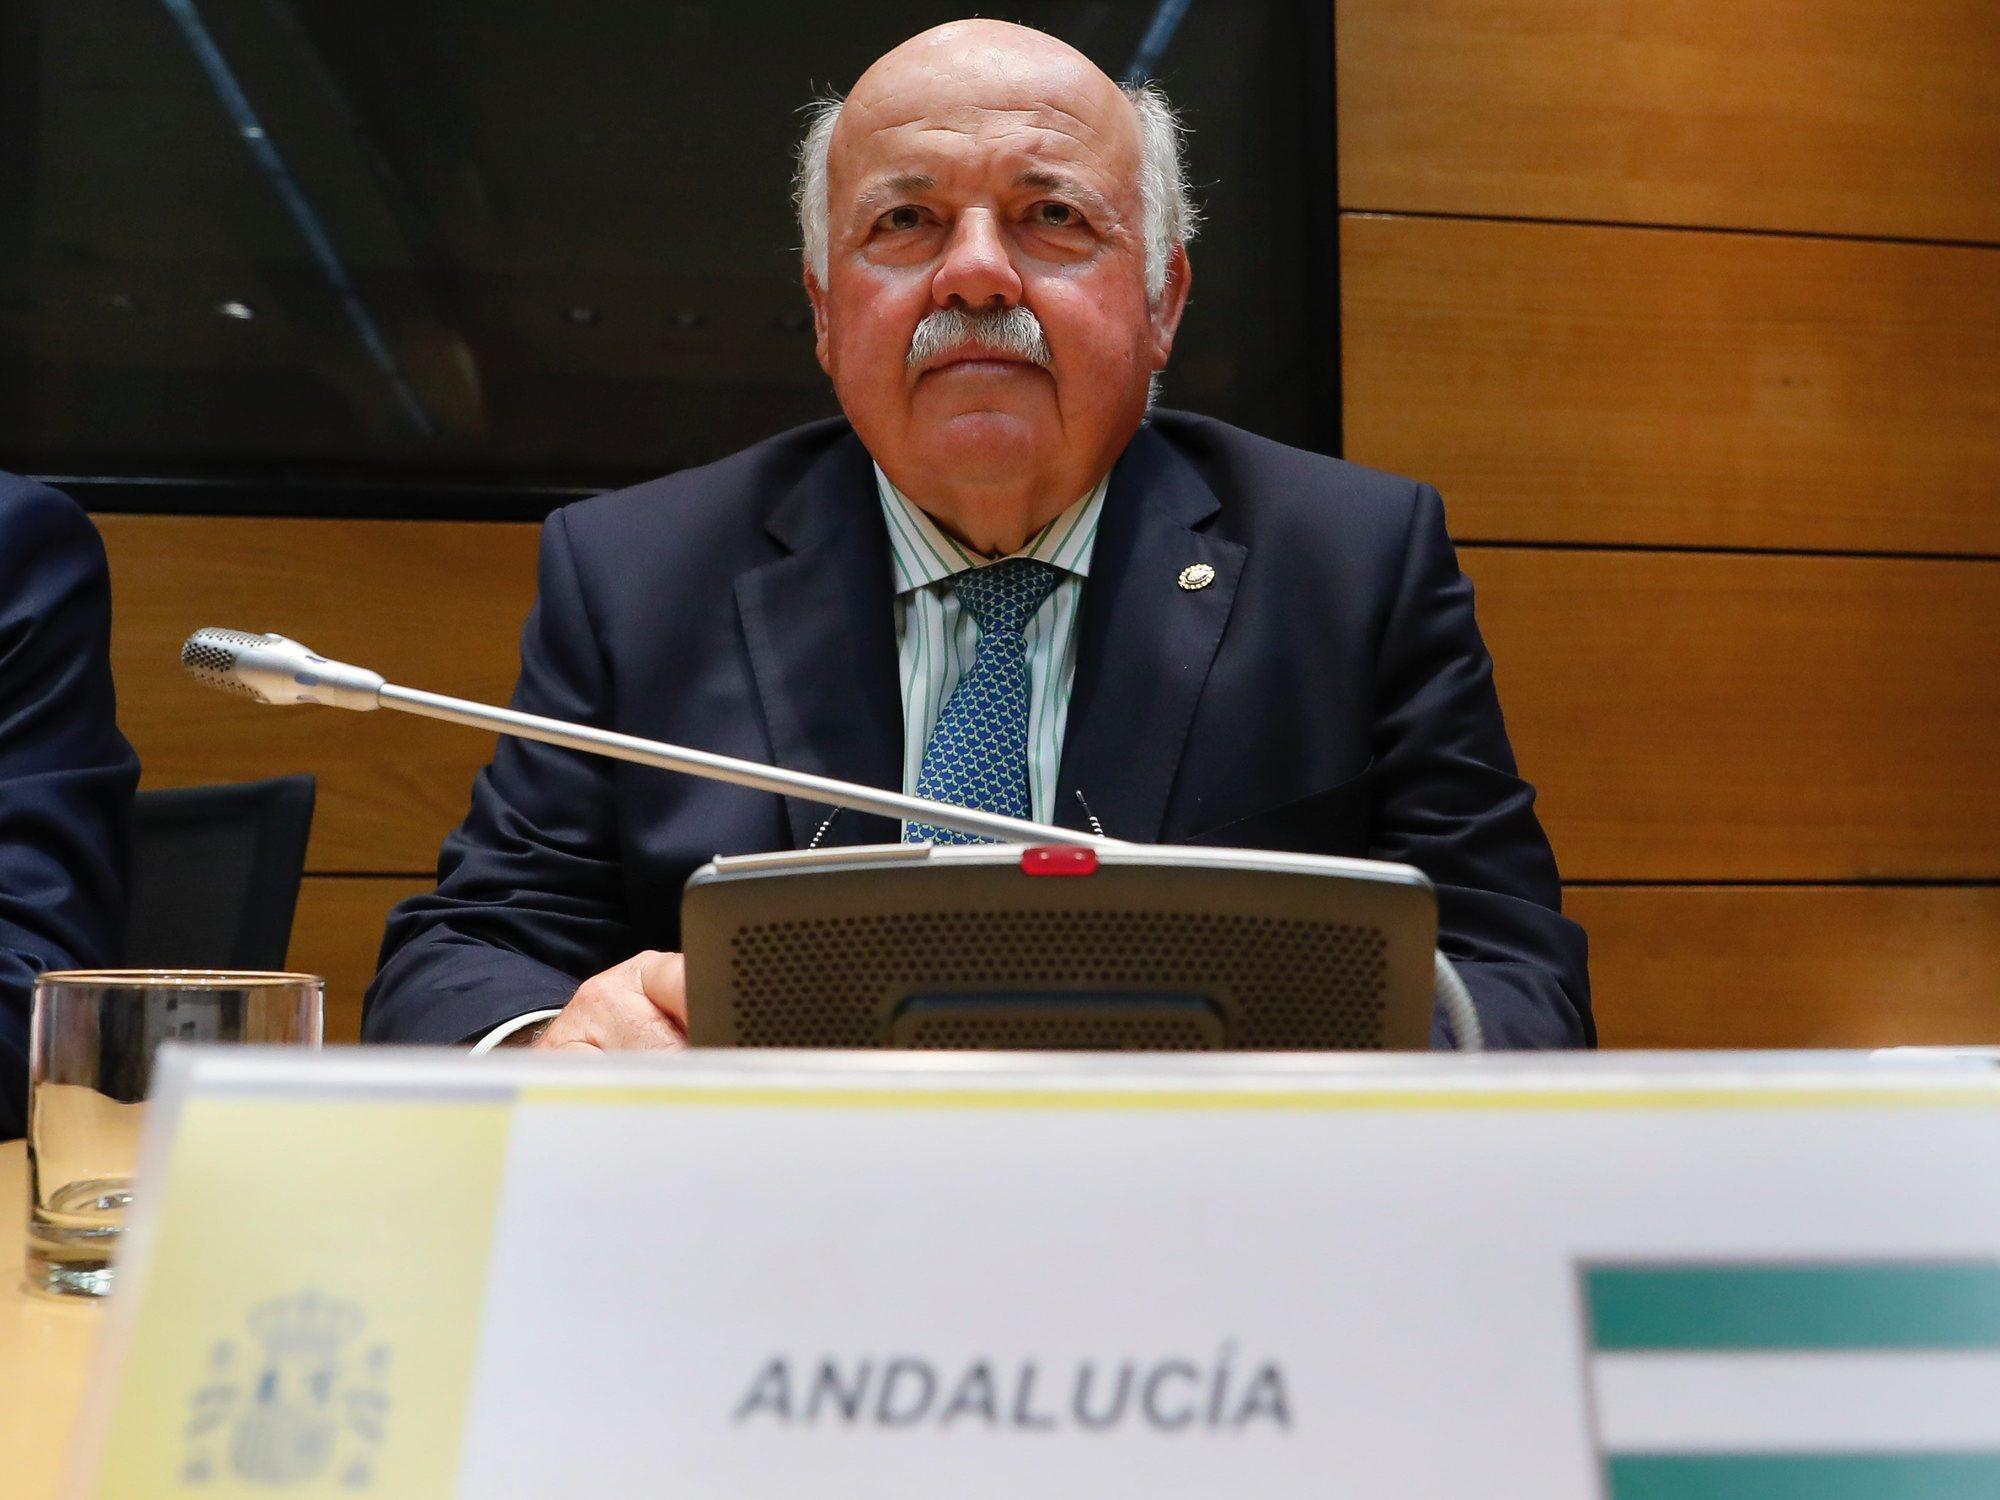 Nueva alerta sanitaria por listeriosis en Andalucía